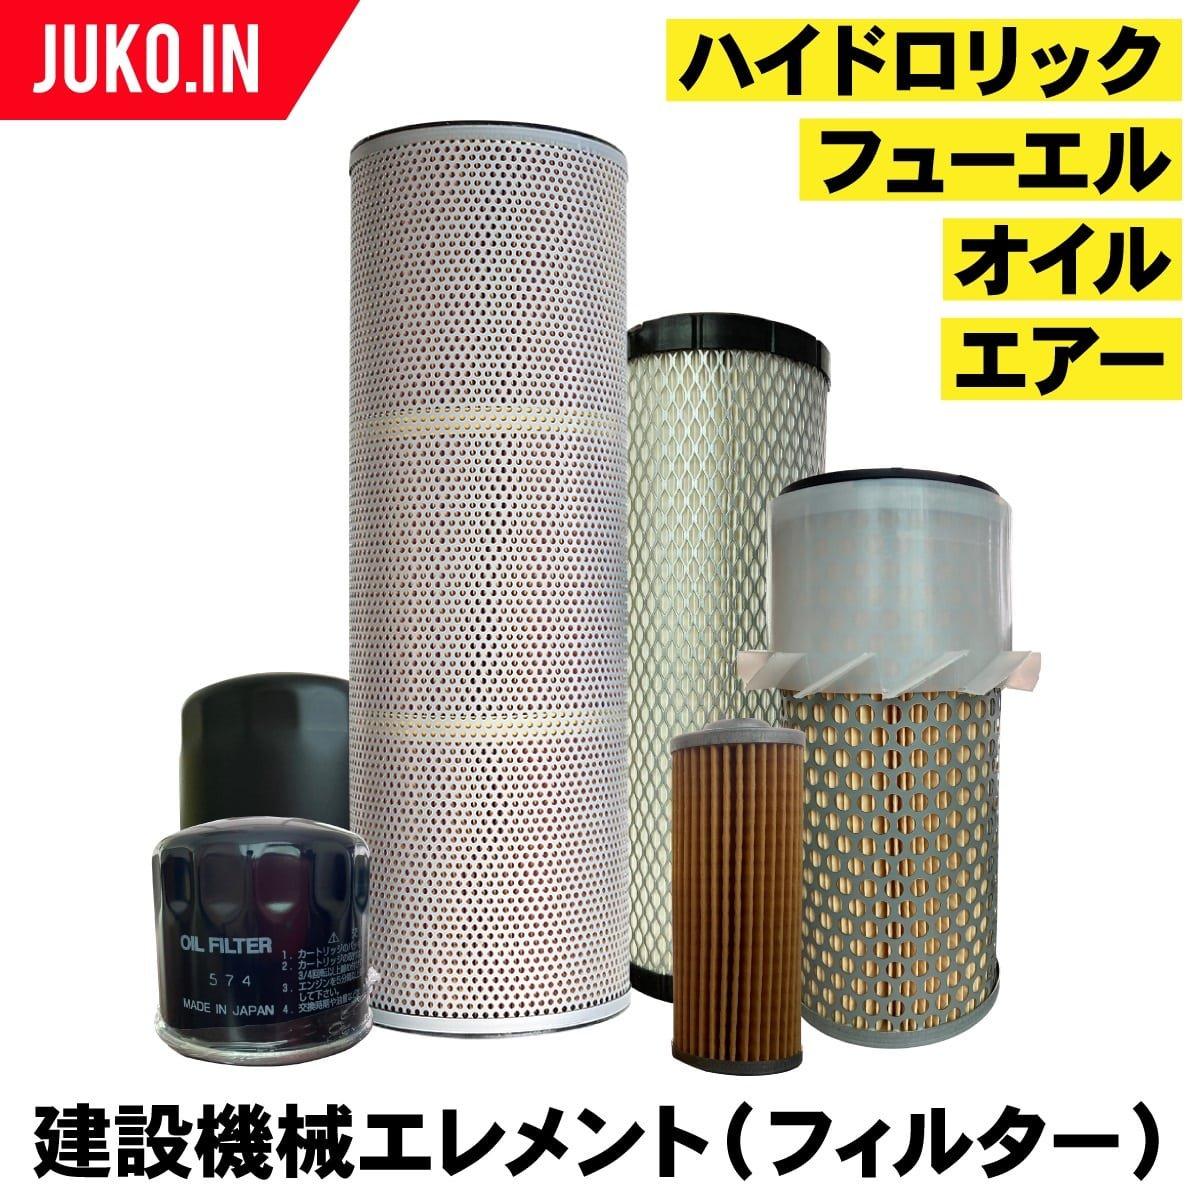 キャタピラージャパン バックホー MS110(L)-2 ハイドロリックエレメントH-114(油圧)